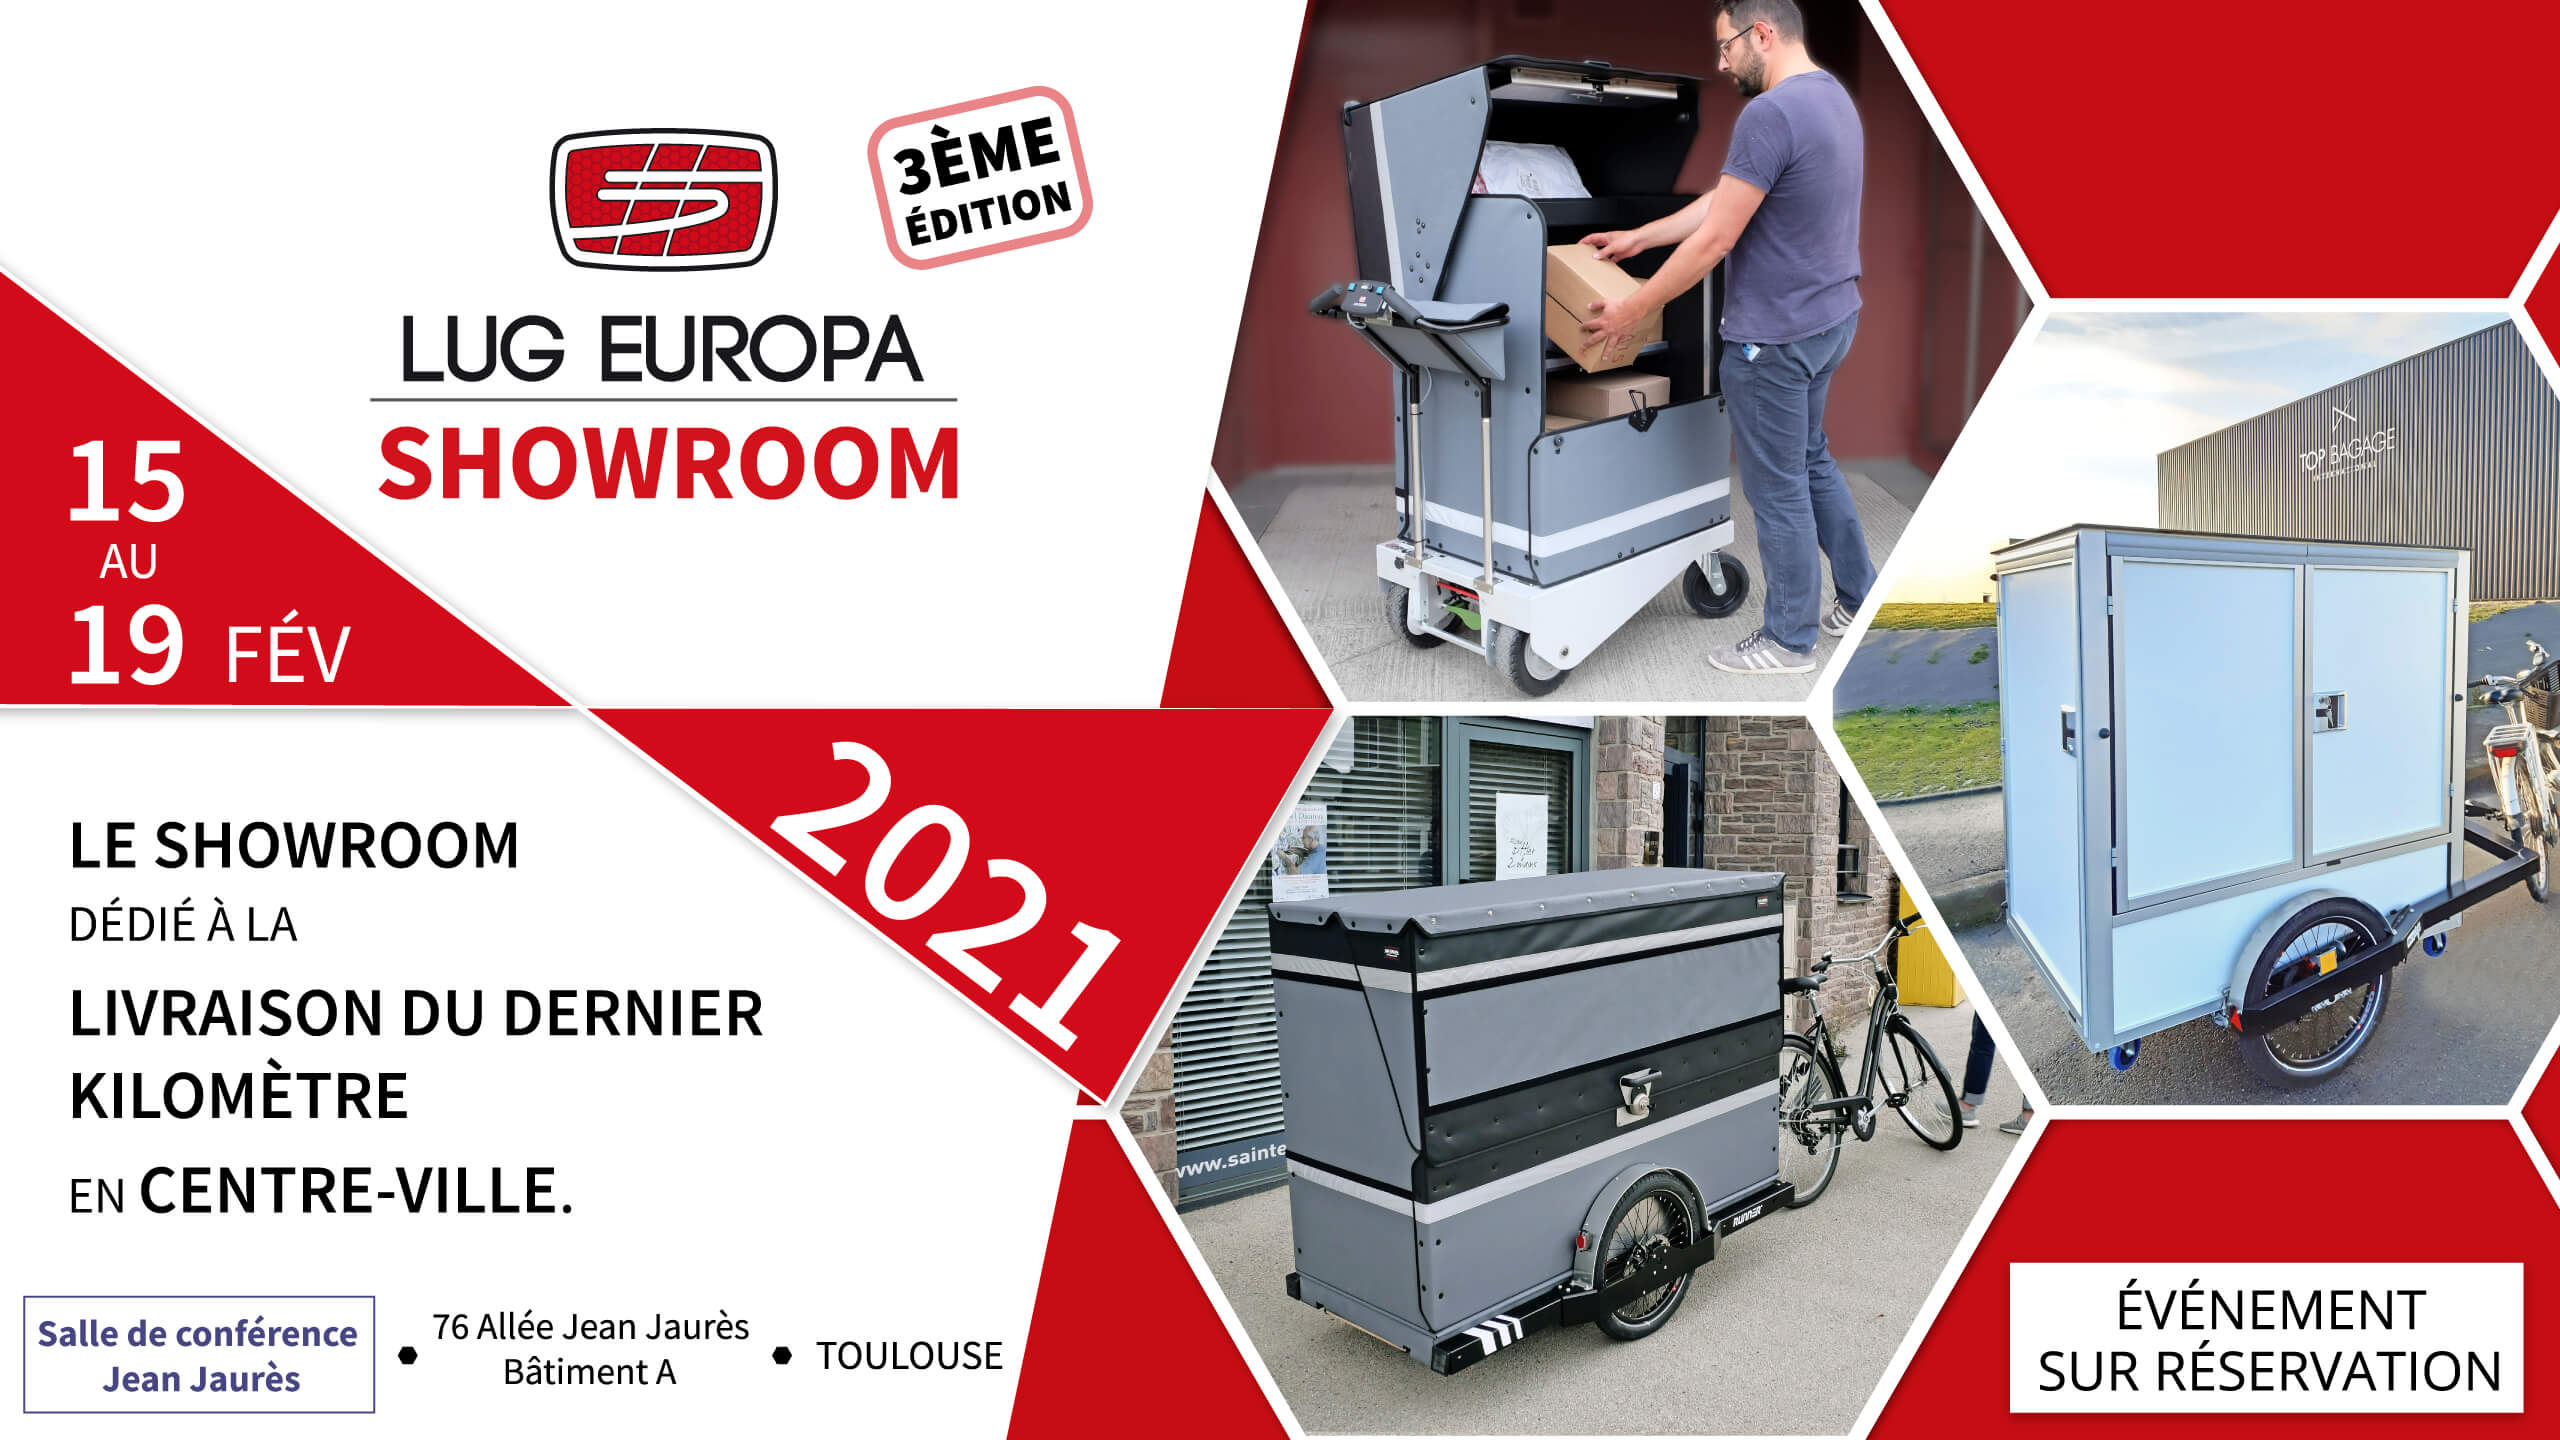 SHowroom LUG EUROPA à Lyon du 15 au 19 Février à TOULOUSE